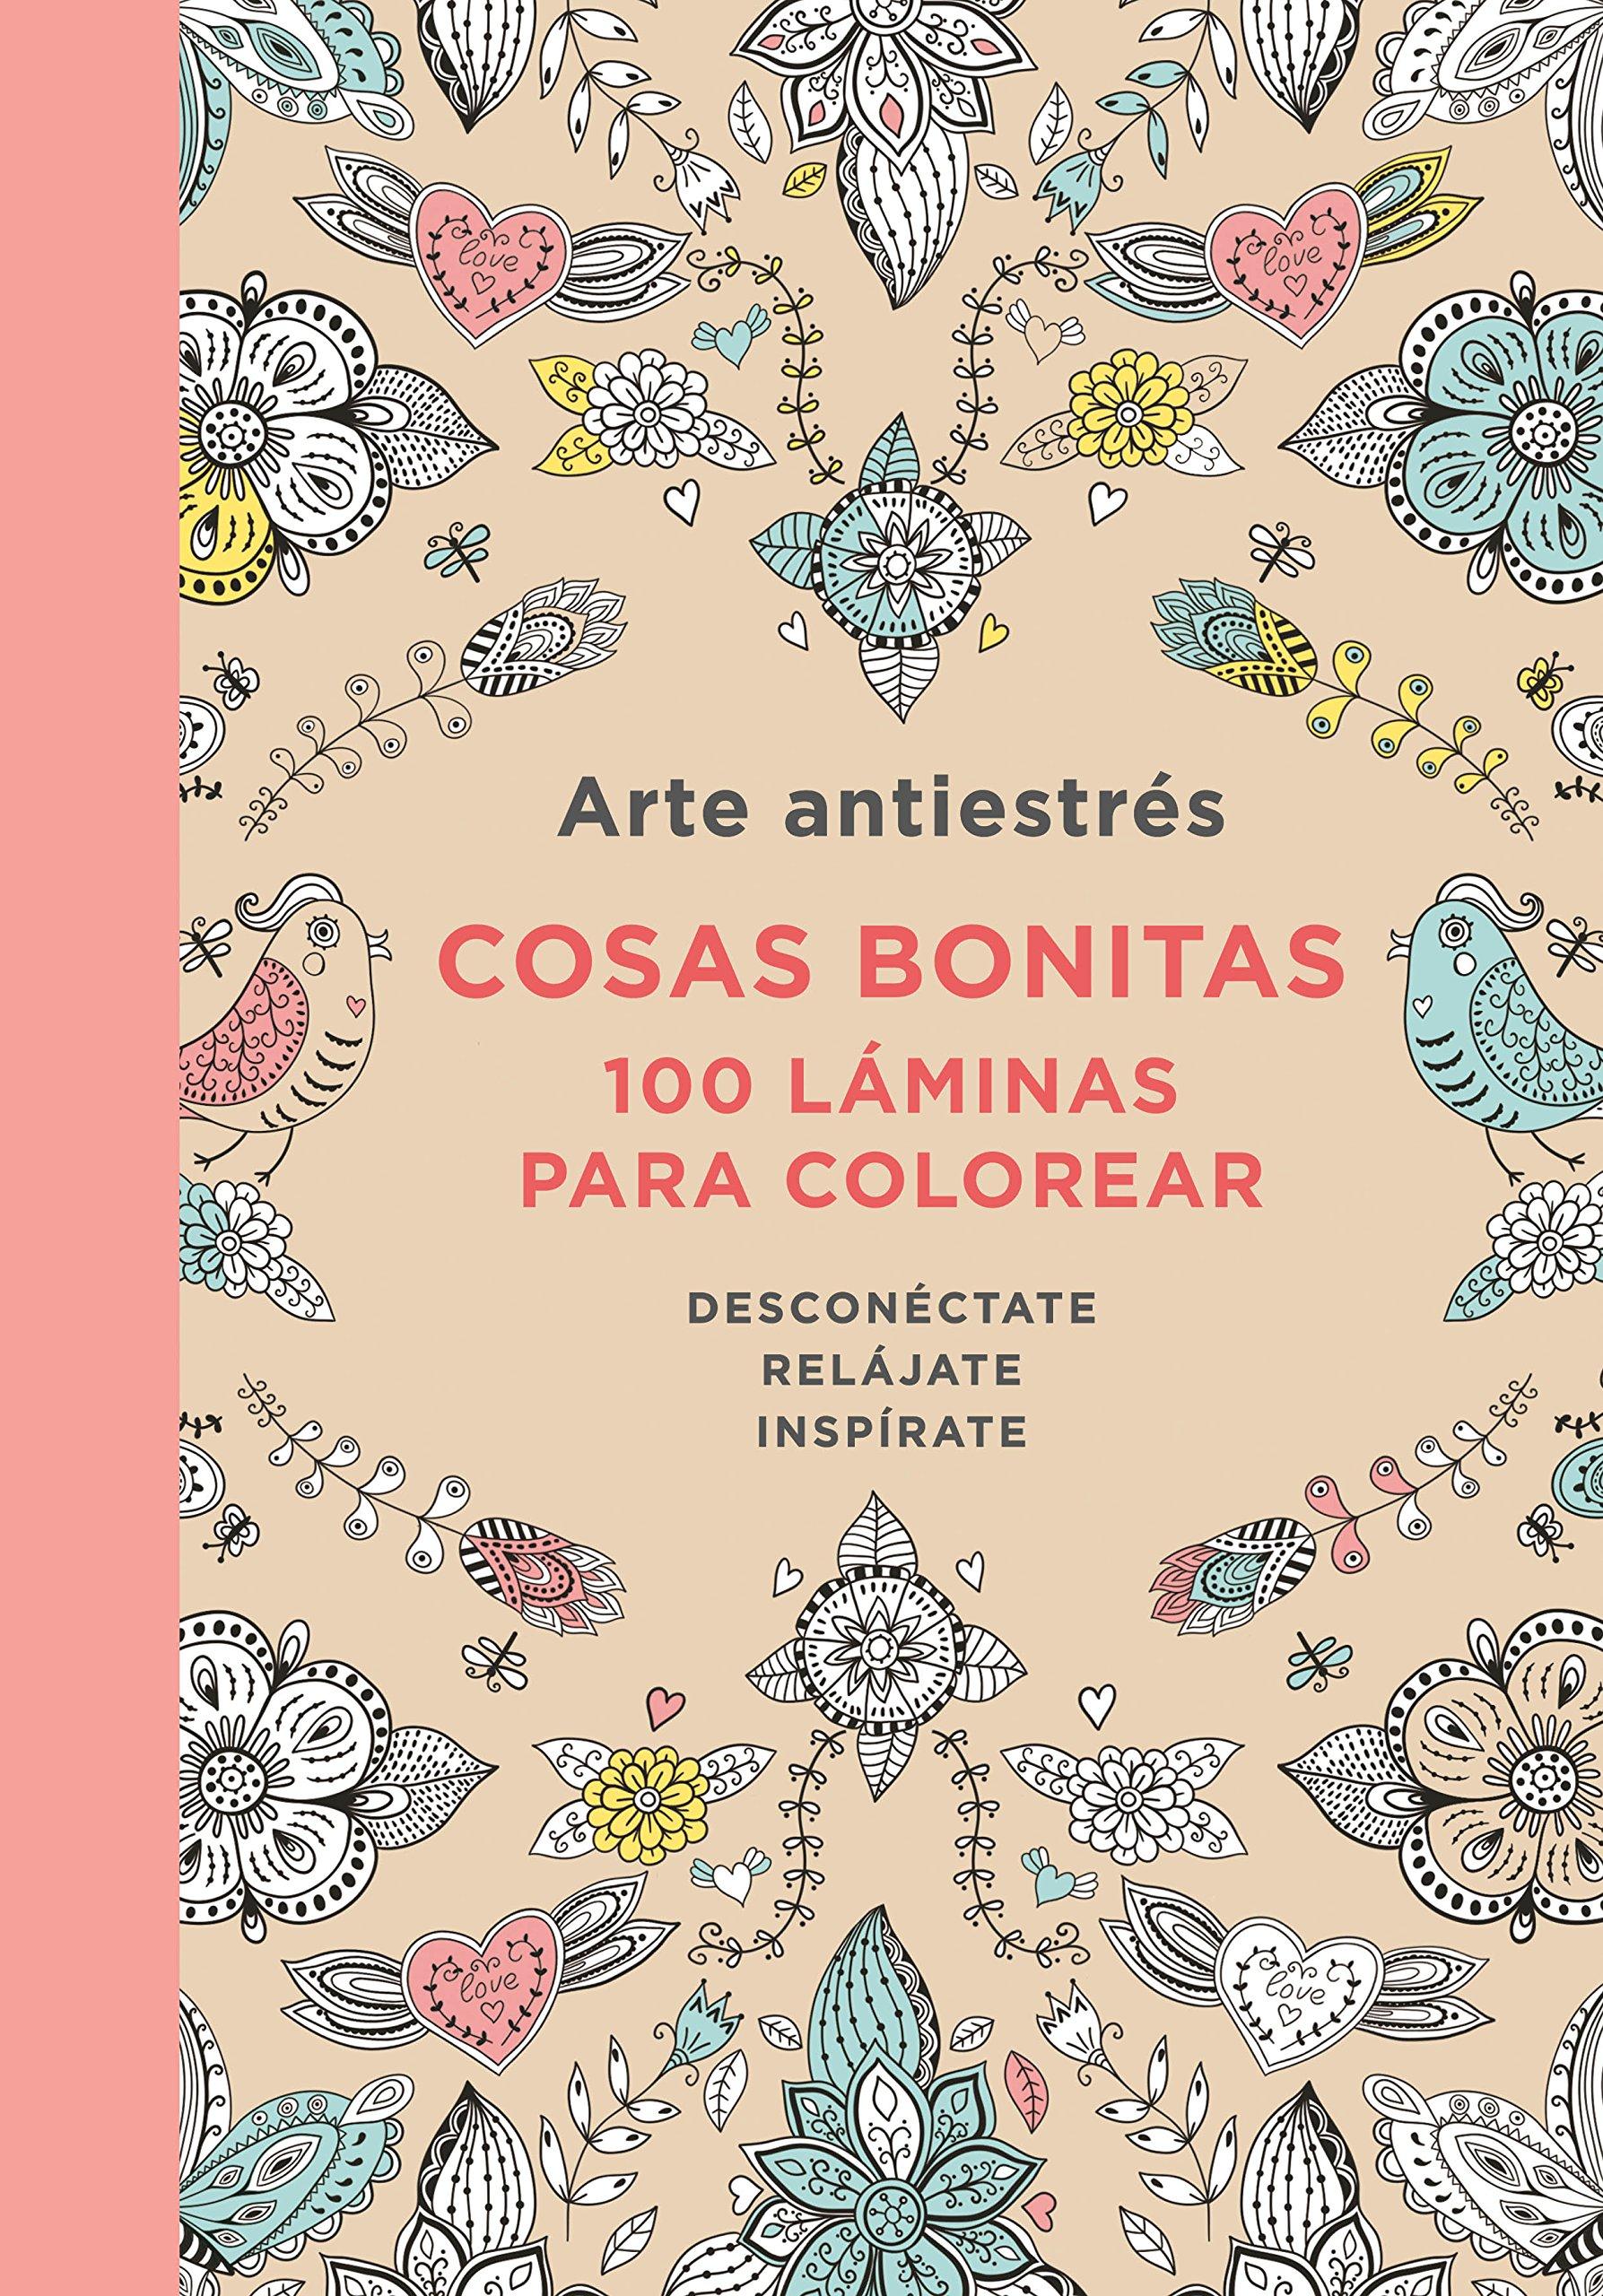 Arte Antiestres: Cosas Bonitas, 100 Laminas (Libro de colorear para  adultos): 100 láminas para colorear: Varios autores: Amazon.com.mx: Libros